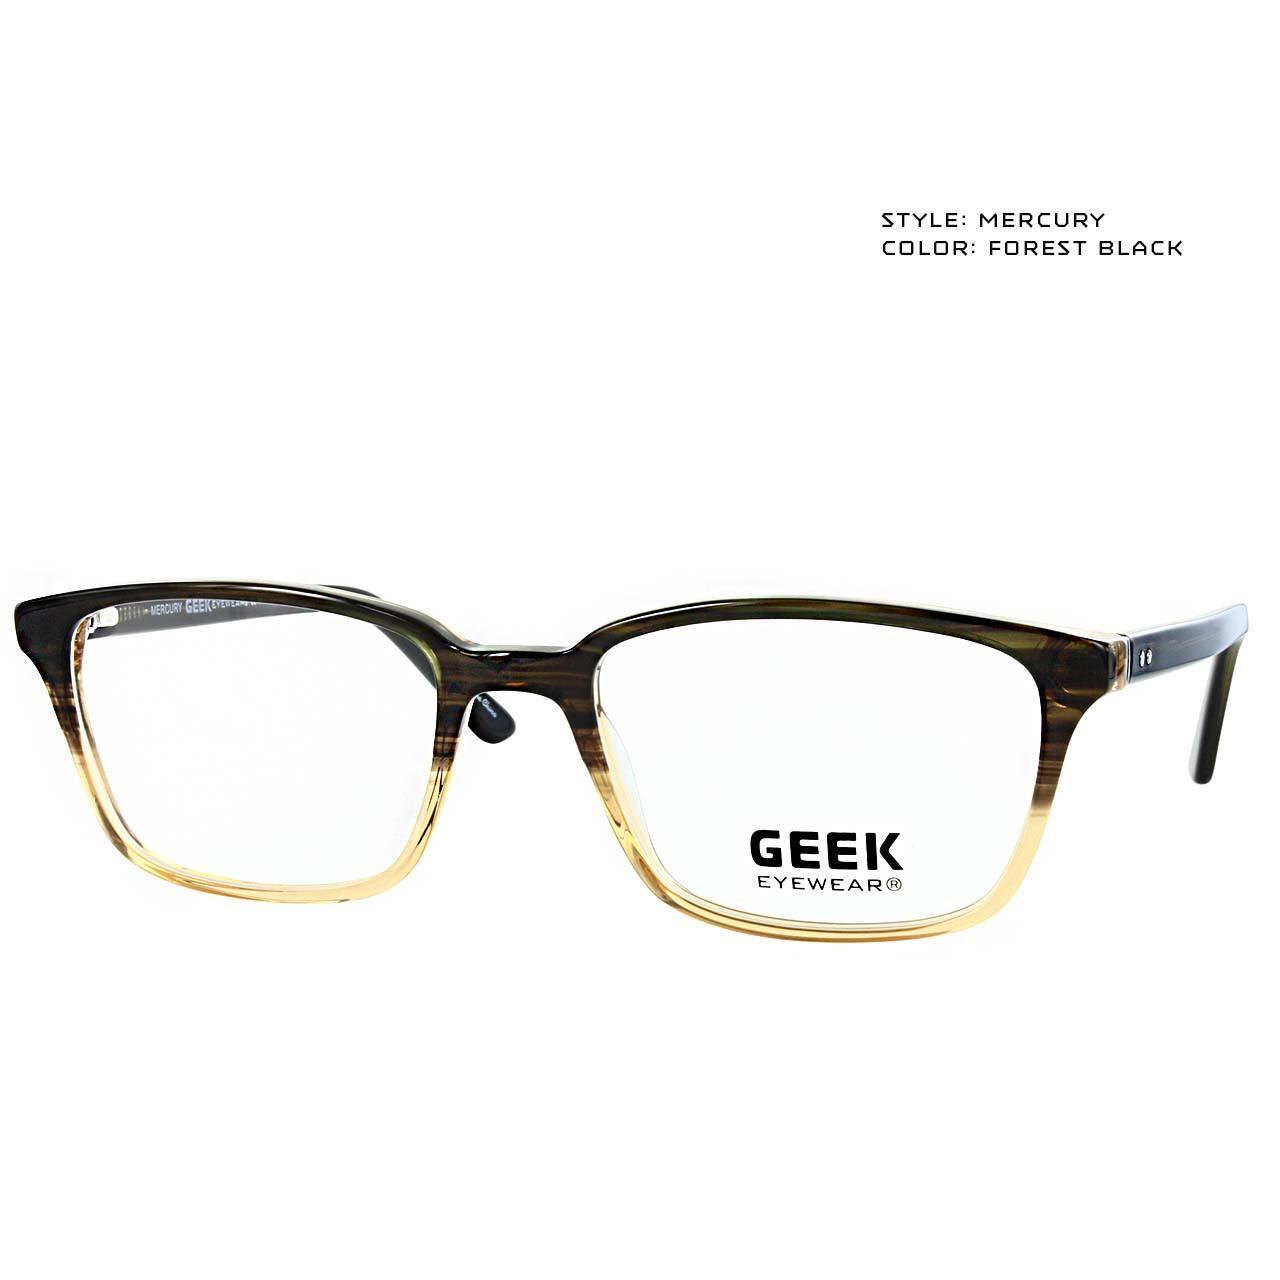 GEEK Eyewear GEEK MERCURY